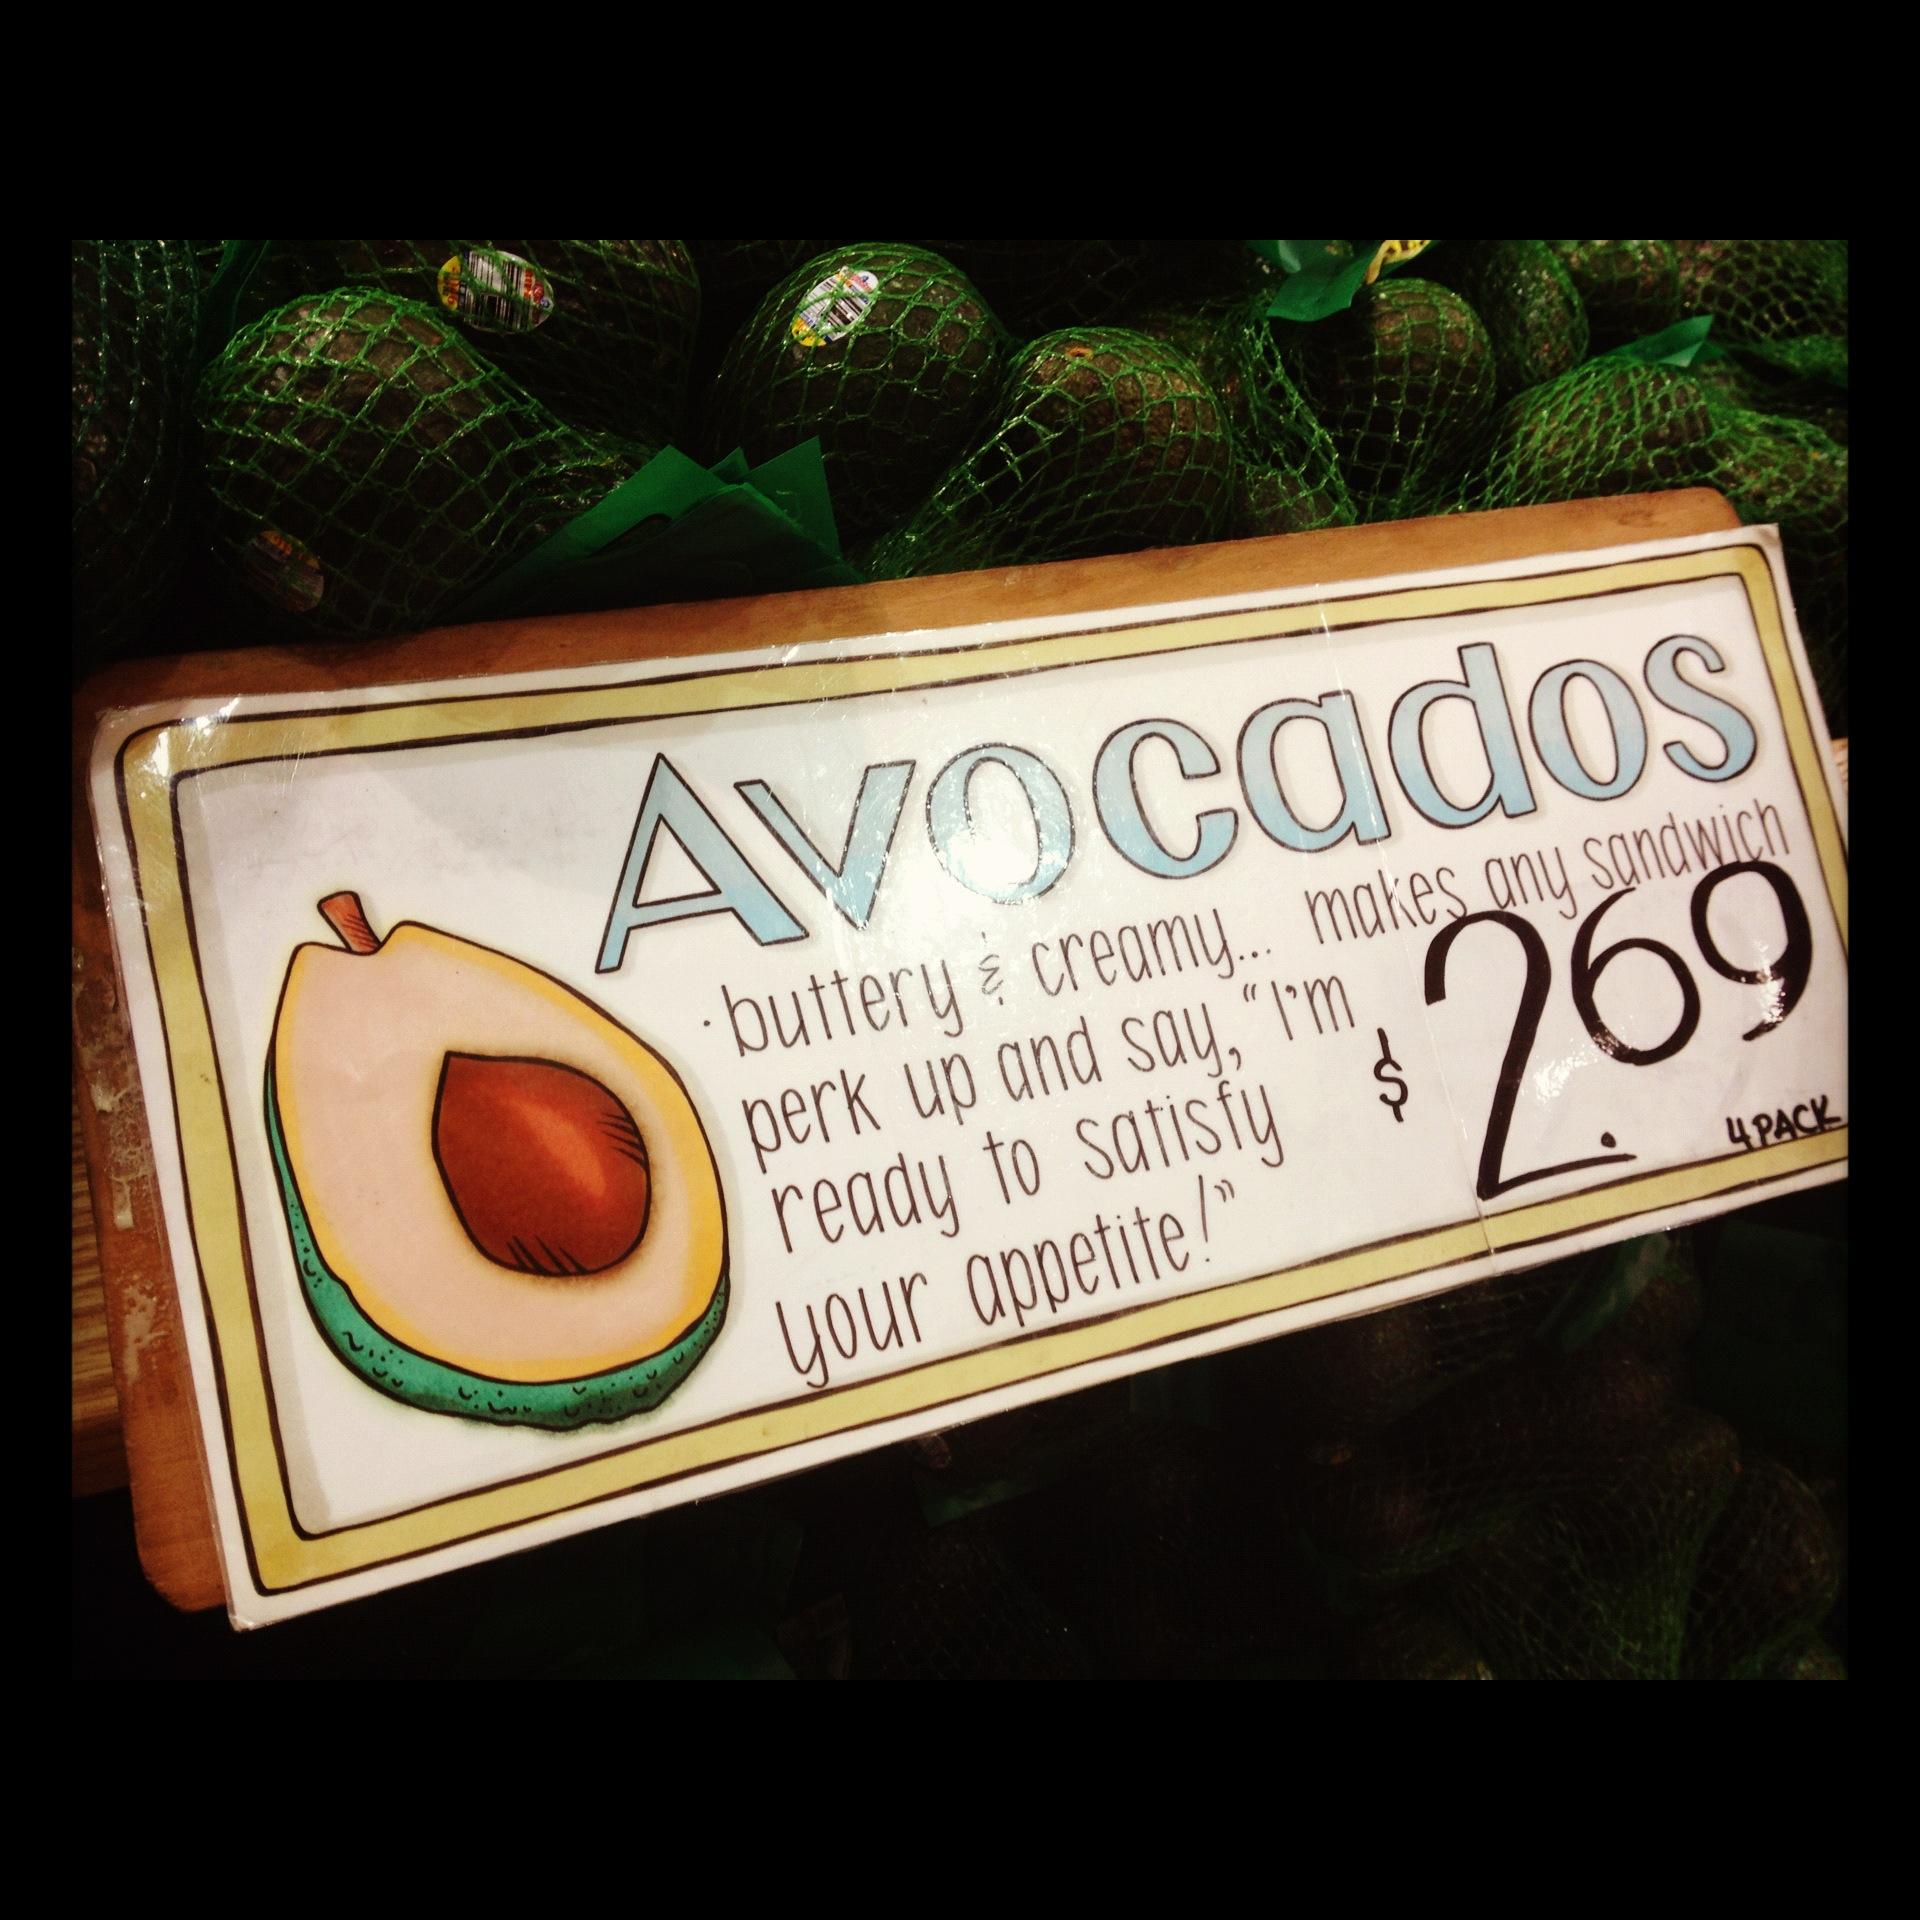 trader-joes-avocados